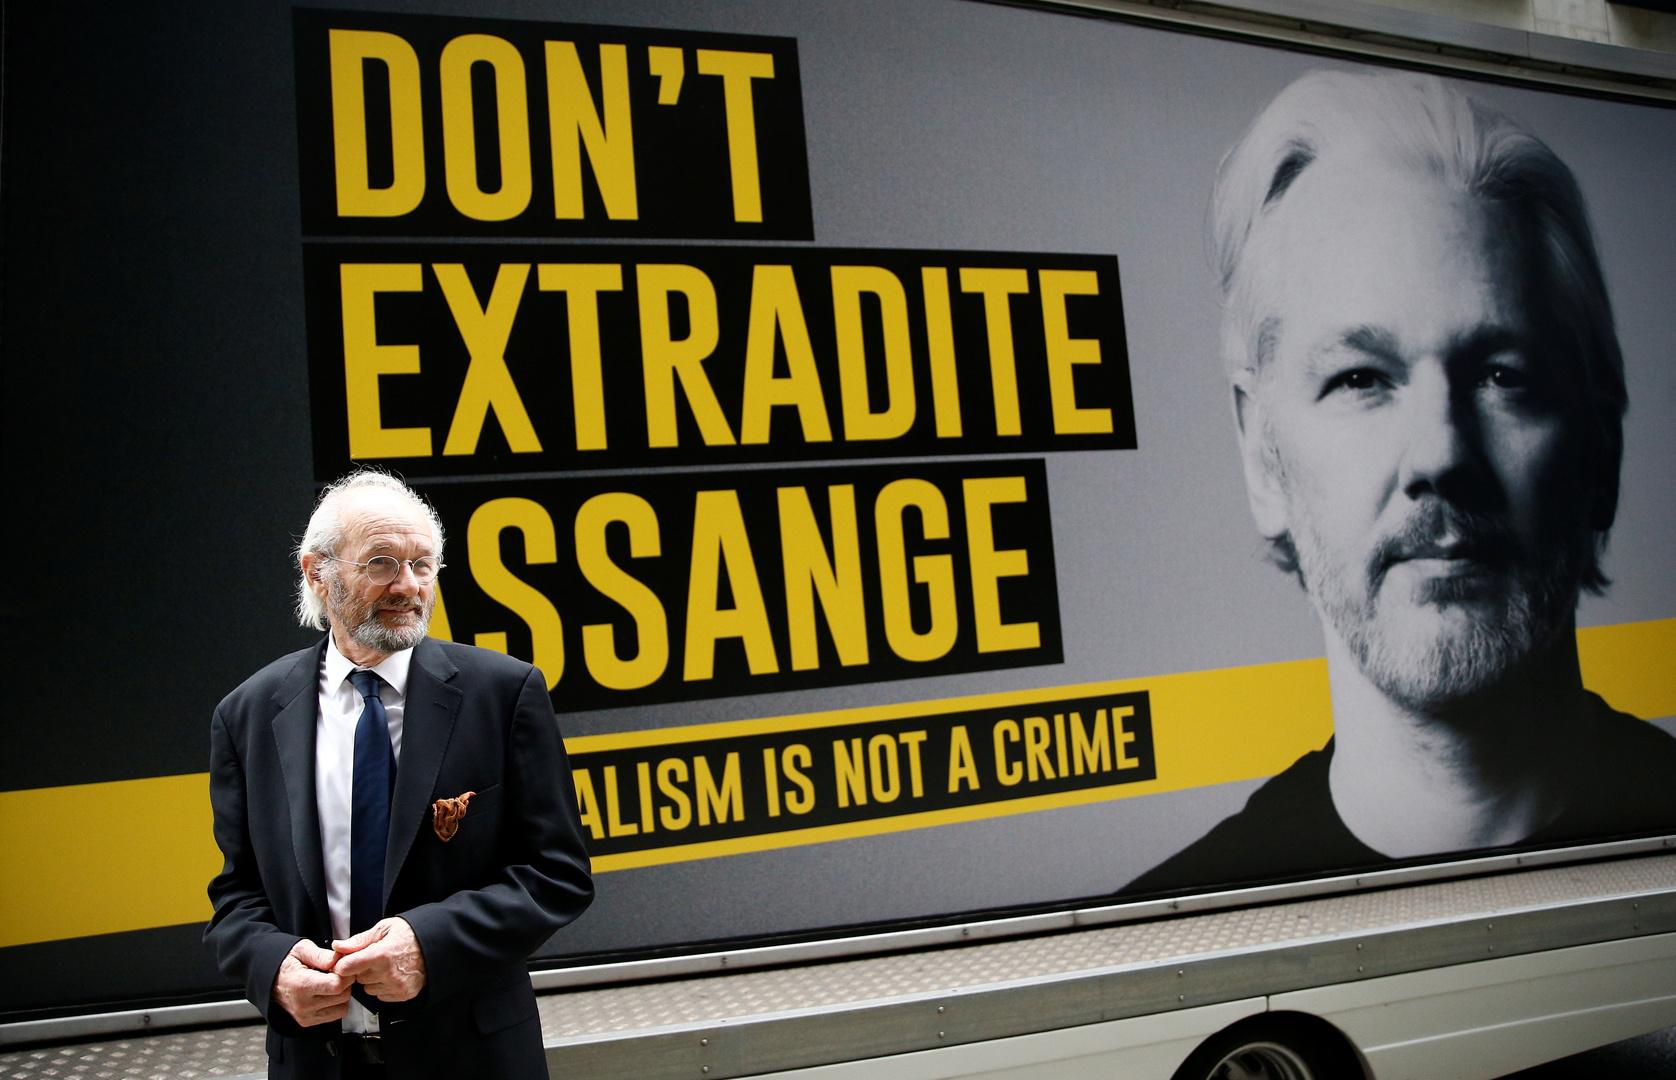 بريطانيا تحسم مصير أسانج ودعوات لترامب للعفو عنه